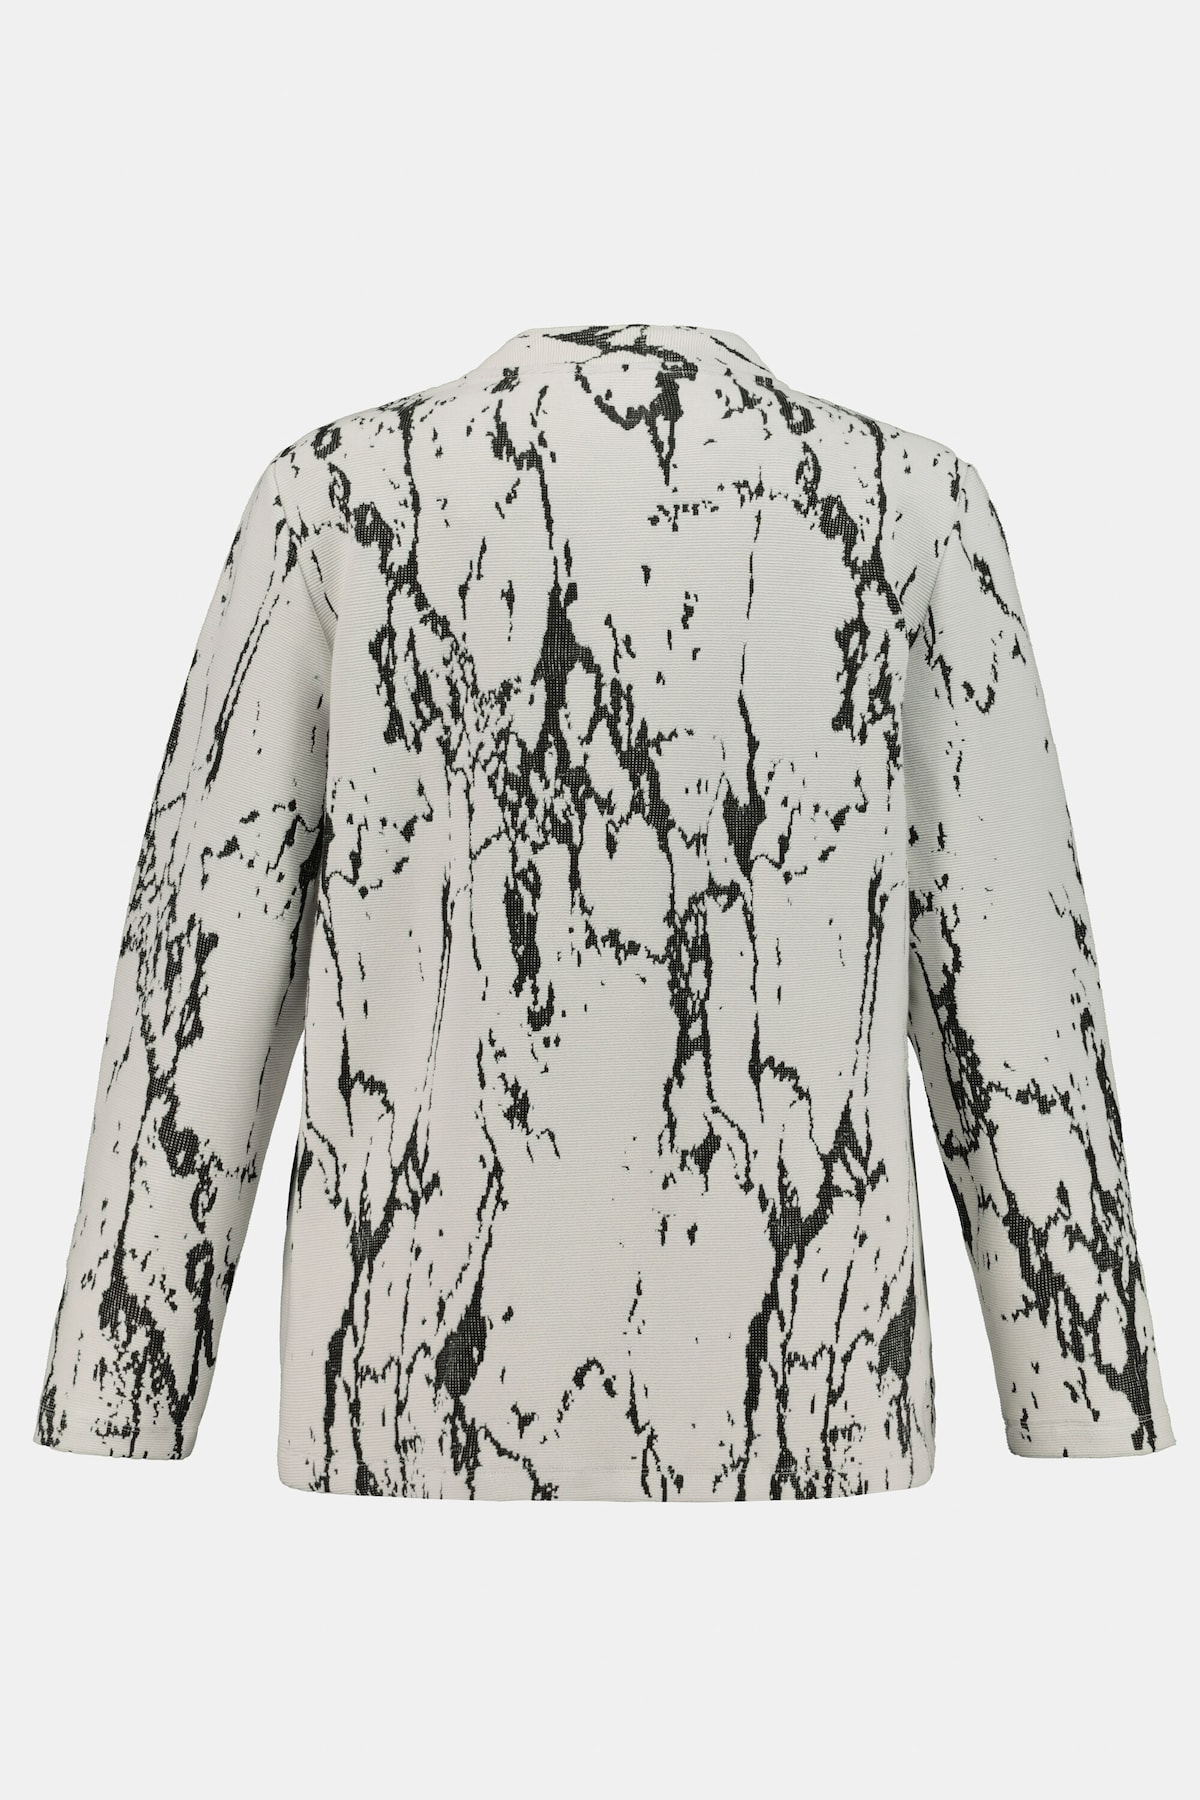 Beliebt Frauen Bekleidung Ulla Popken Sweatjacke in grau / weiß Zum Verkauf